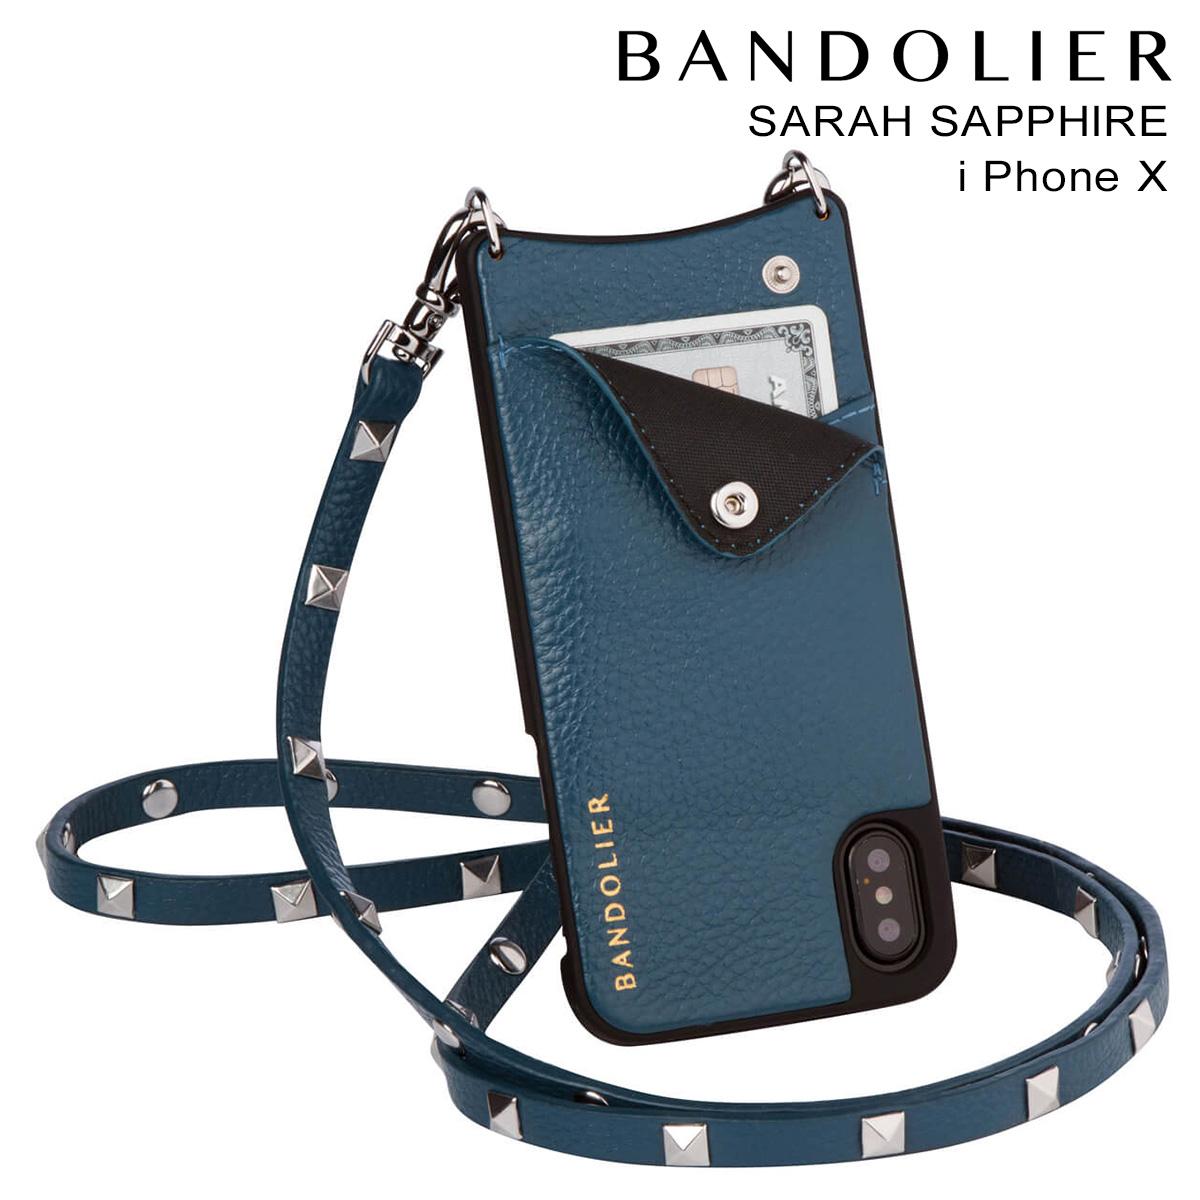 バンドリヤー BANDOLIER iPhoneX ケース スマホ アイフォン SARAH SAPPHIRE レザー メンズ レディース